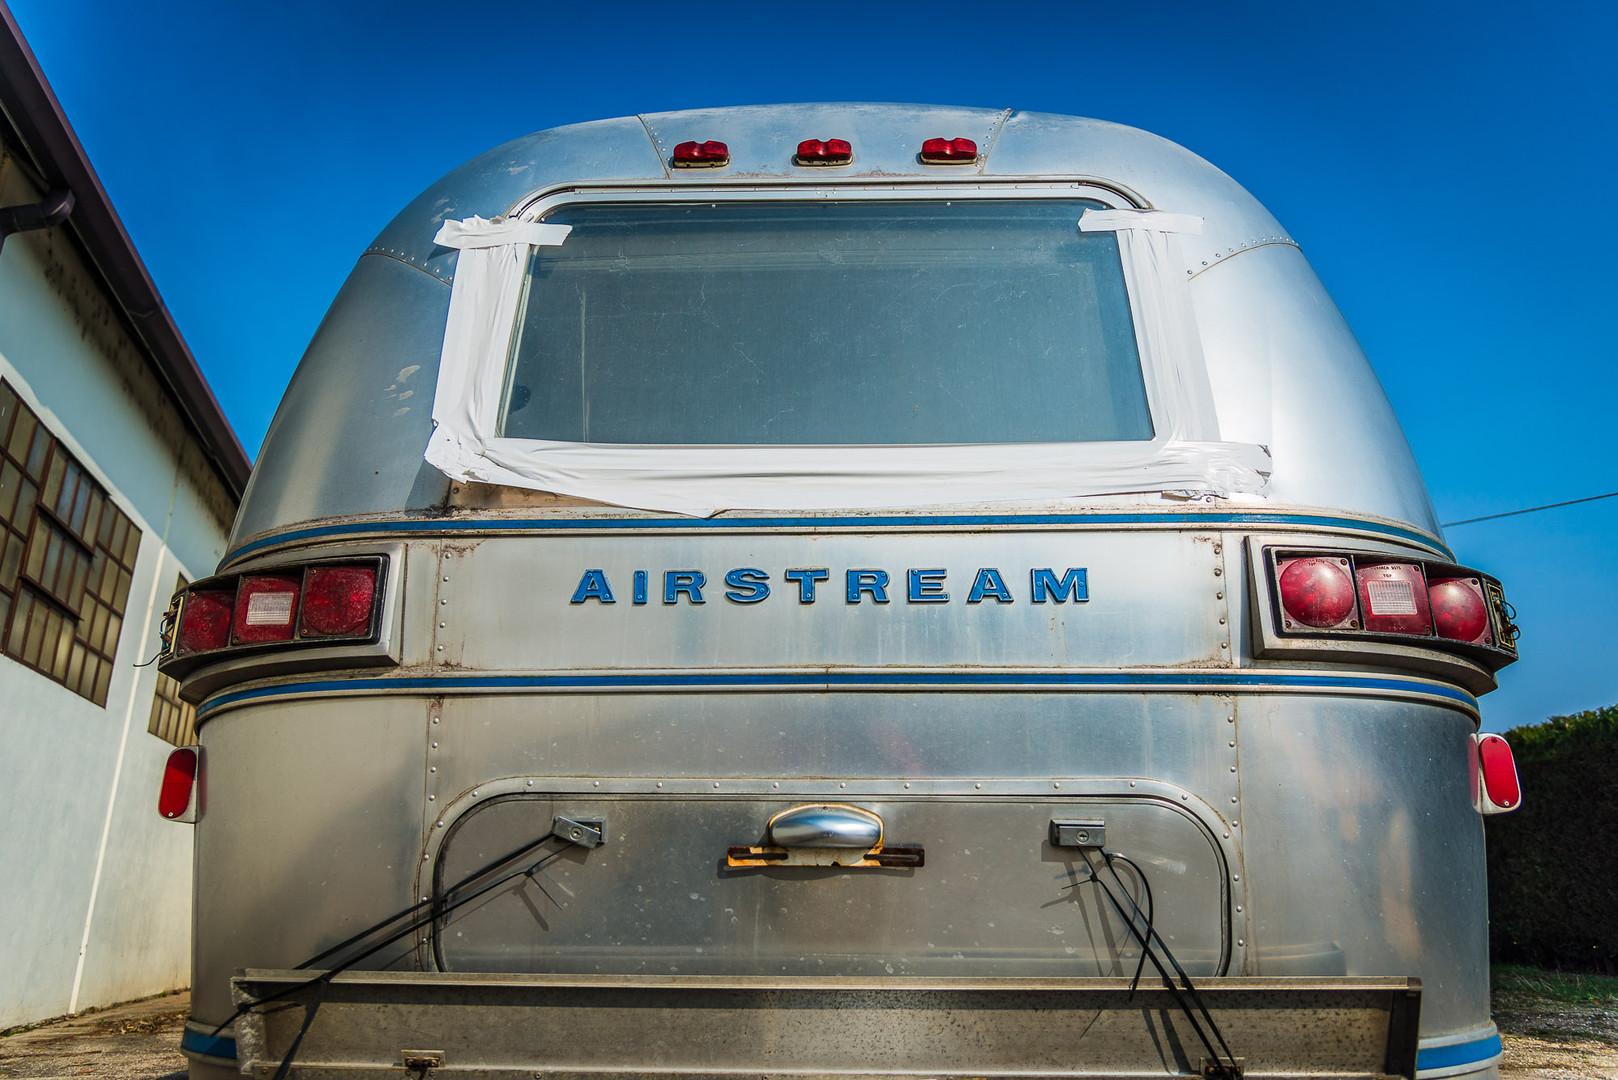 2020 Airstream 25 ft jpg -46.jpg